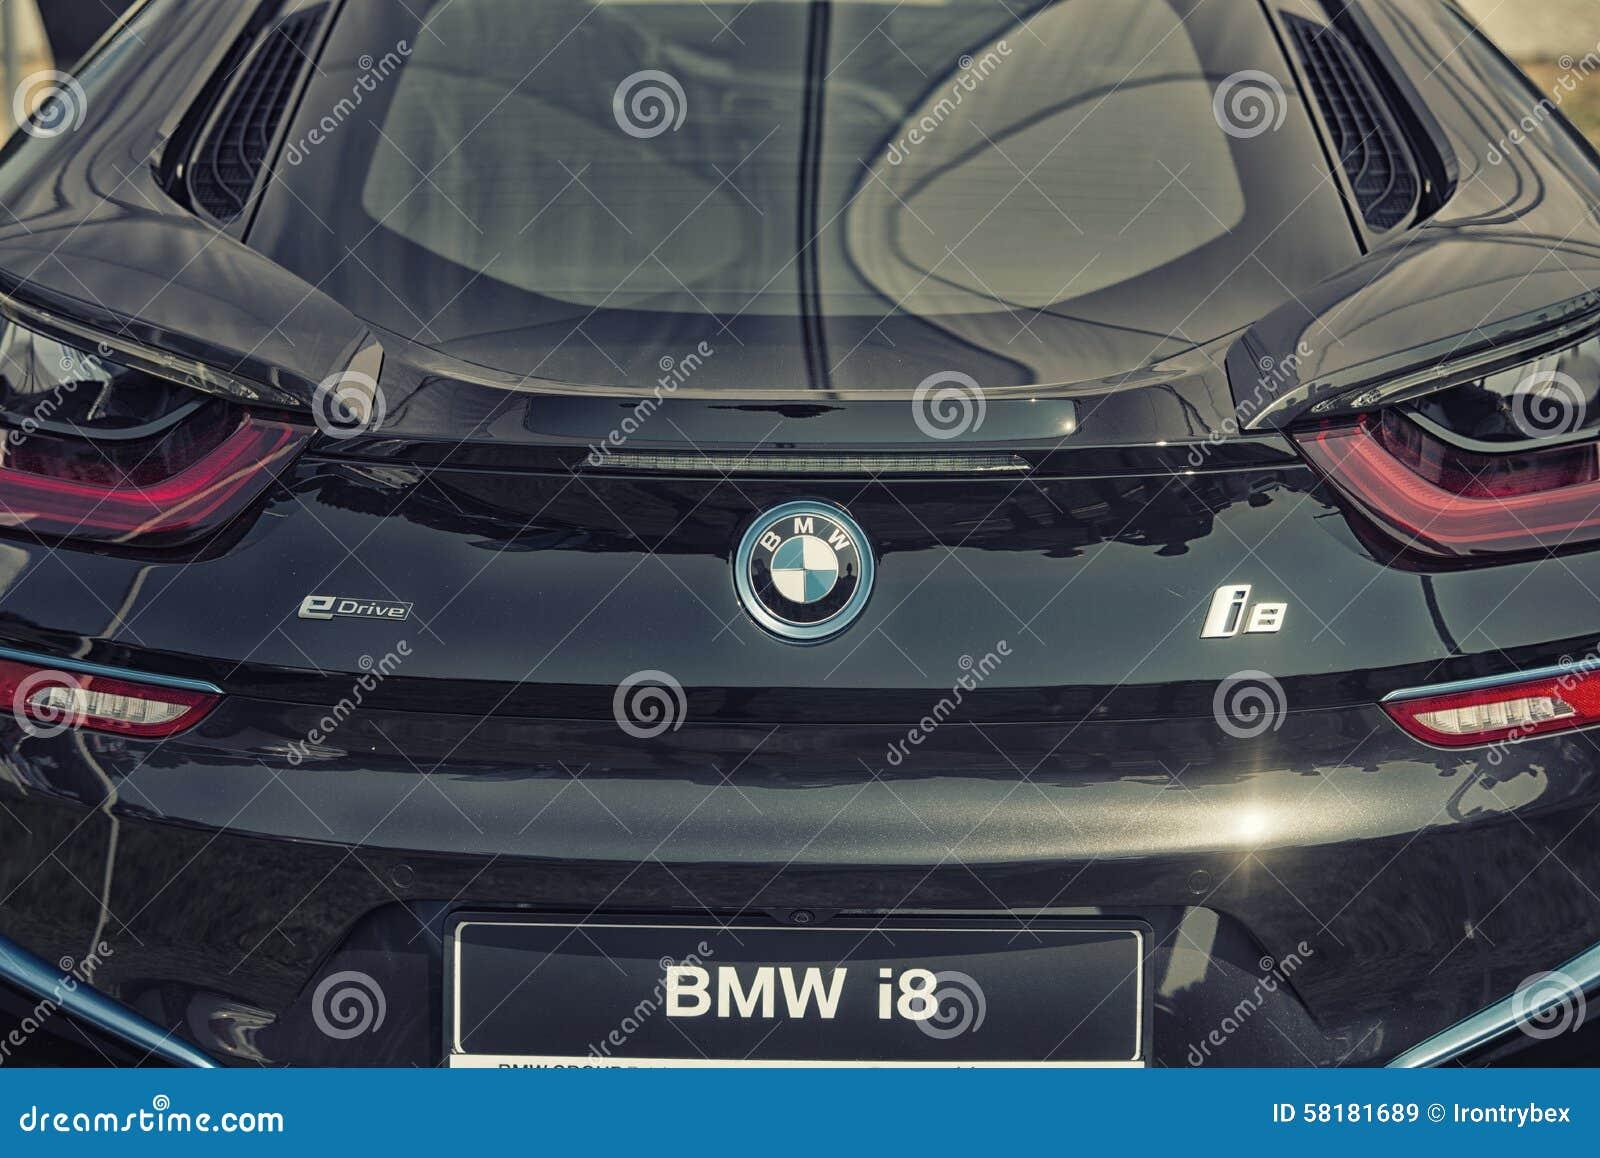 Feche Acima Do Carro Desportivo Hibrido De Encaixe De Bmw I8 Imagem